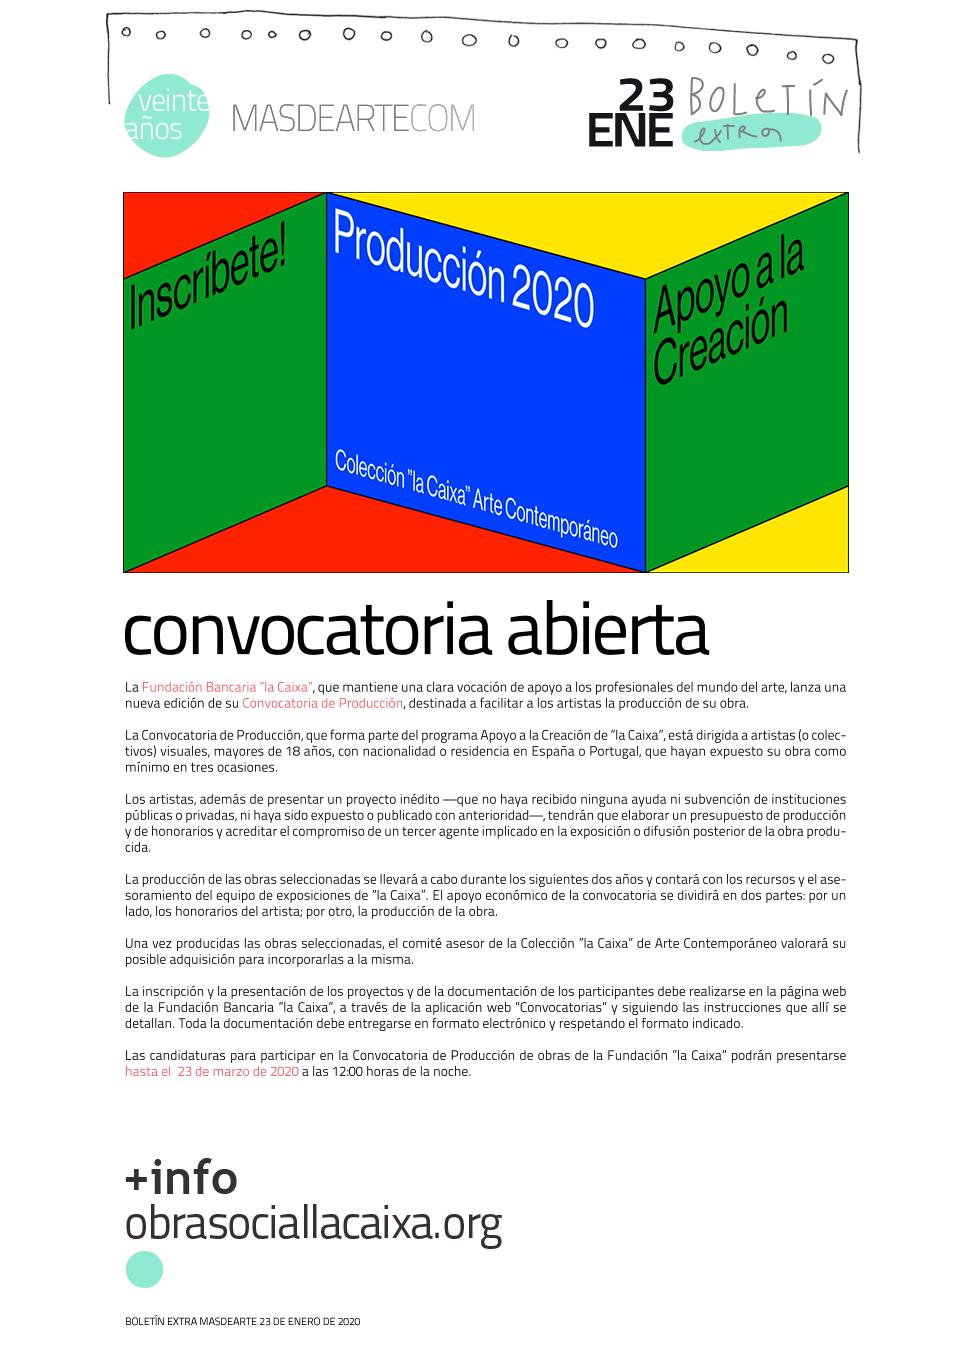 """Apoyo a la creación. Convocatoria de Producción 2020 de """"la Caixa"""". Plazo de presentación de solicitudes abierto hasta el 23 de marzo de 2020"""